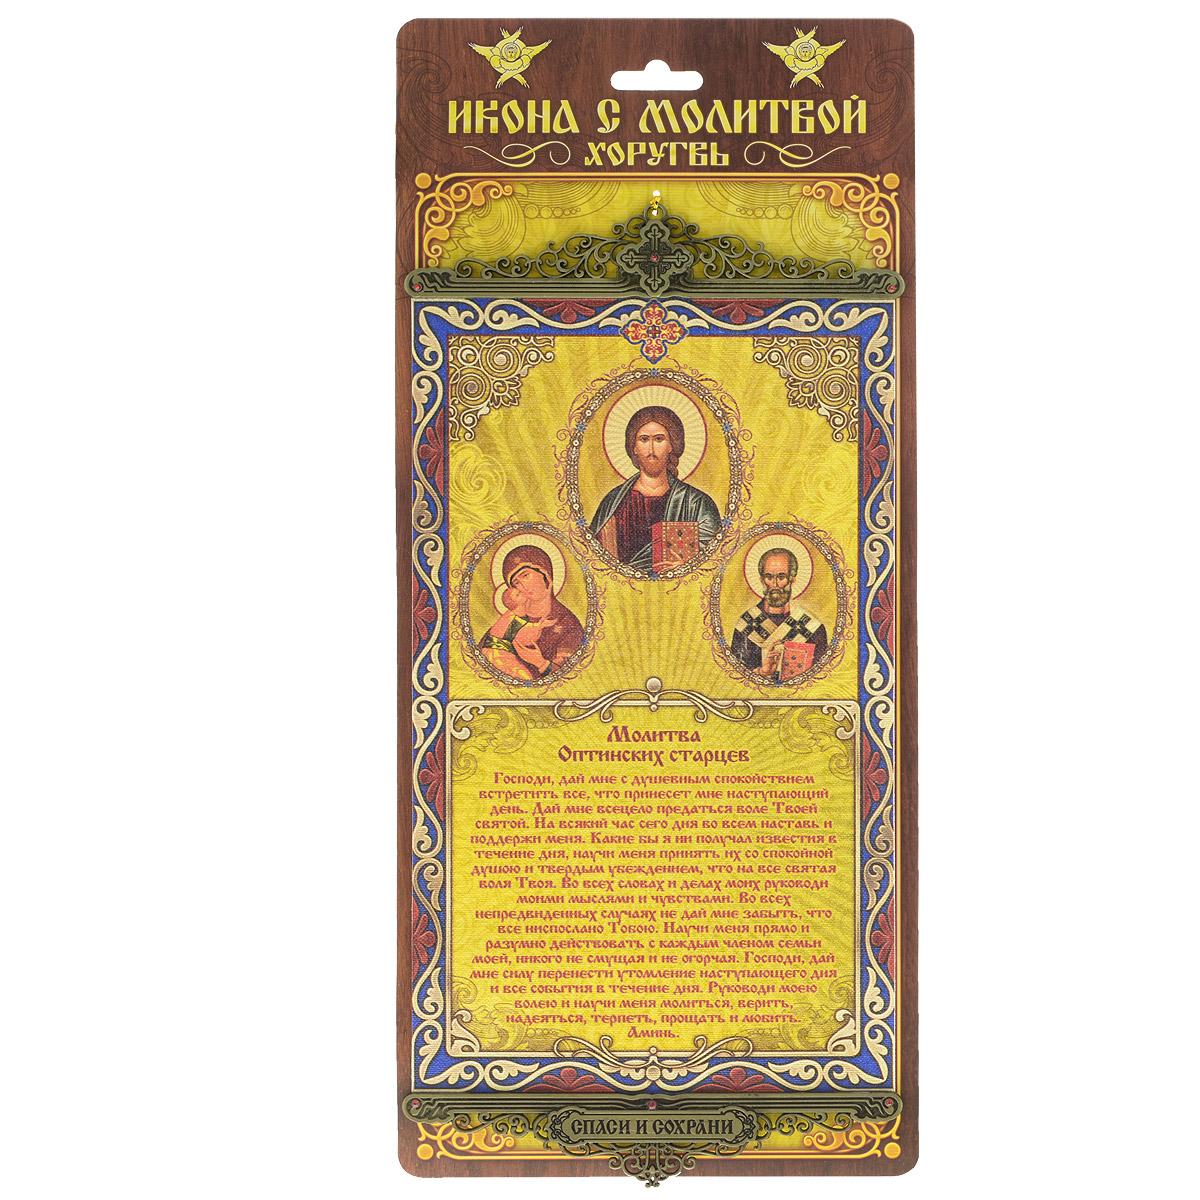 Икона с молитвой Молитва Оптинских старцев, на подвесах602828Икона с молитвой Молитва Оптинских старцев выполнена из плотного текстиля с нанесенным цветным рисунком, края декорированы ажурными металлическими вставками со стразами. Цветовая гамма и интерьер влияют на настроение каждого, именно поэтому так важны детали, которые нас окружают. Знатоки интерьерных решений стараются применять самые разнообразные решения при художественном оформлении внутреннего пространства и использовать все возможные материалы. Икона с молитвой на подвесах - это хорошее решение для интерьера по выгодной цене!